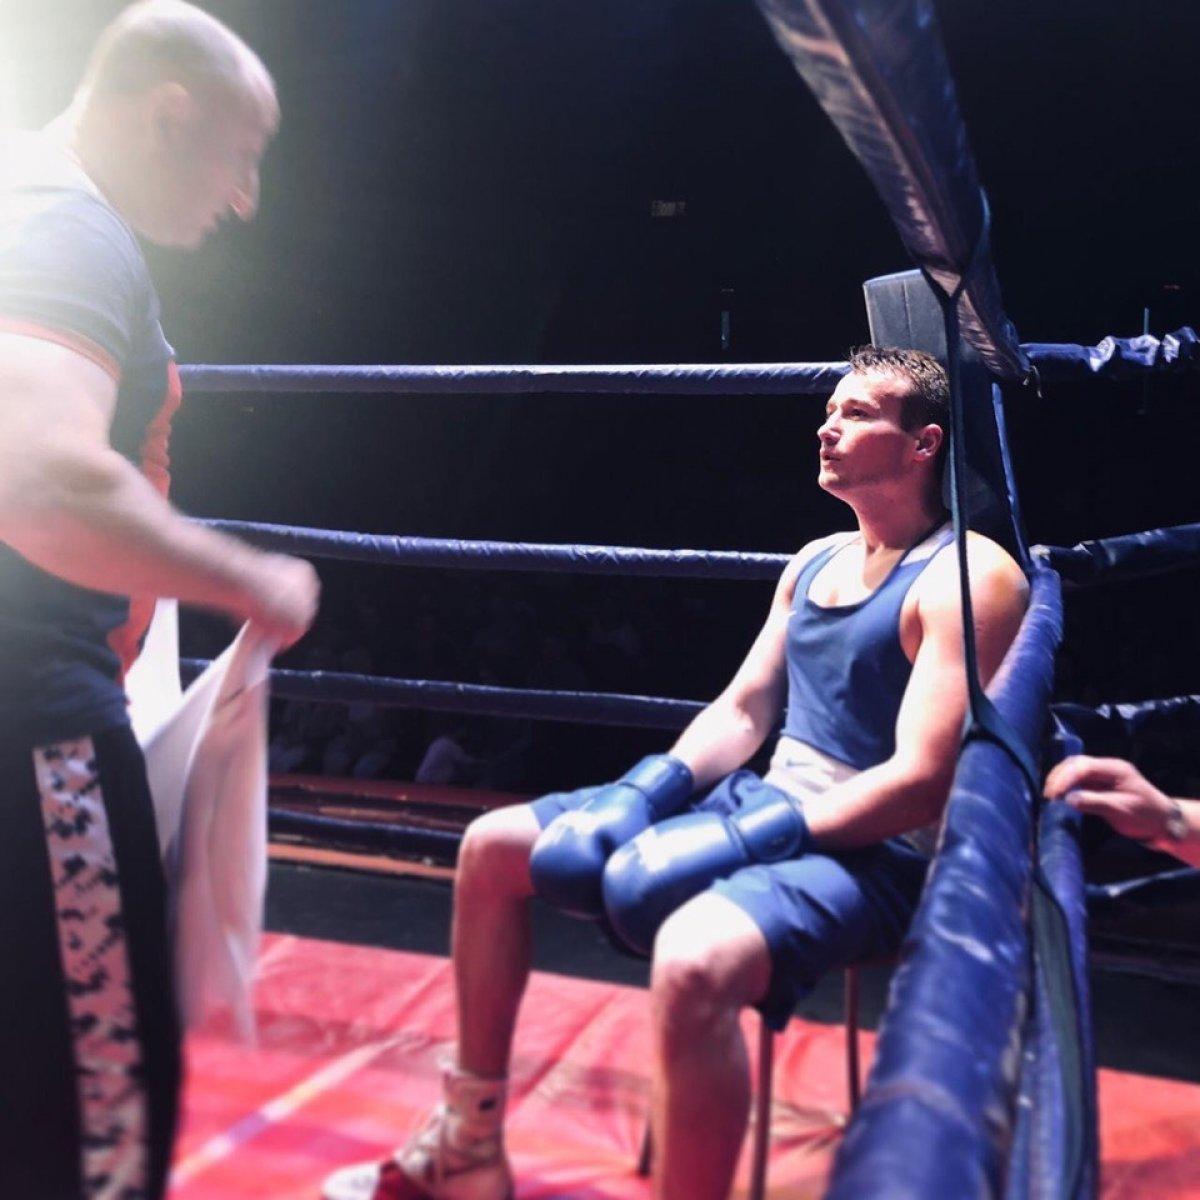 Студенты академии Глеб Голик и Владимир Родионов одержали победу в матчевой встрече по боксу в Великом Новгороде